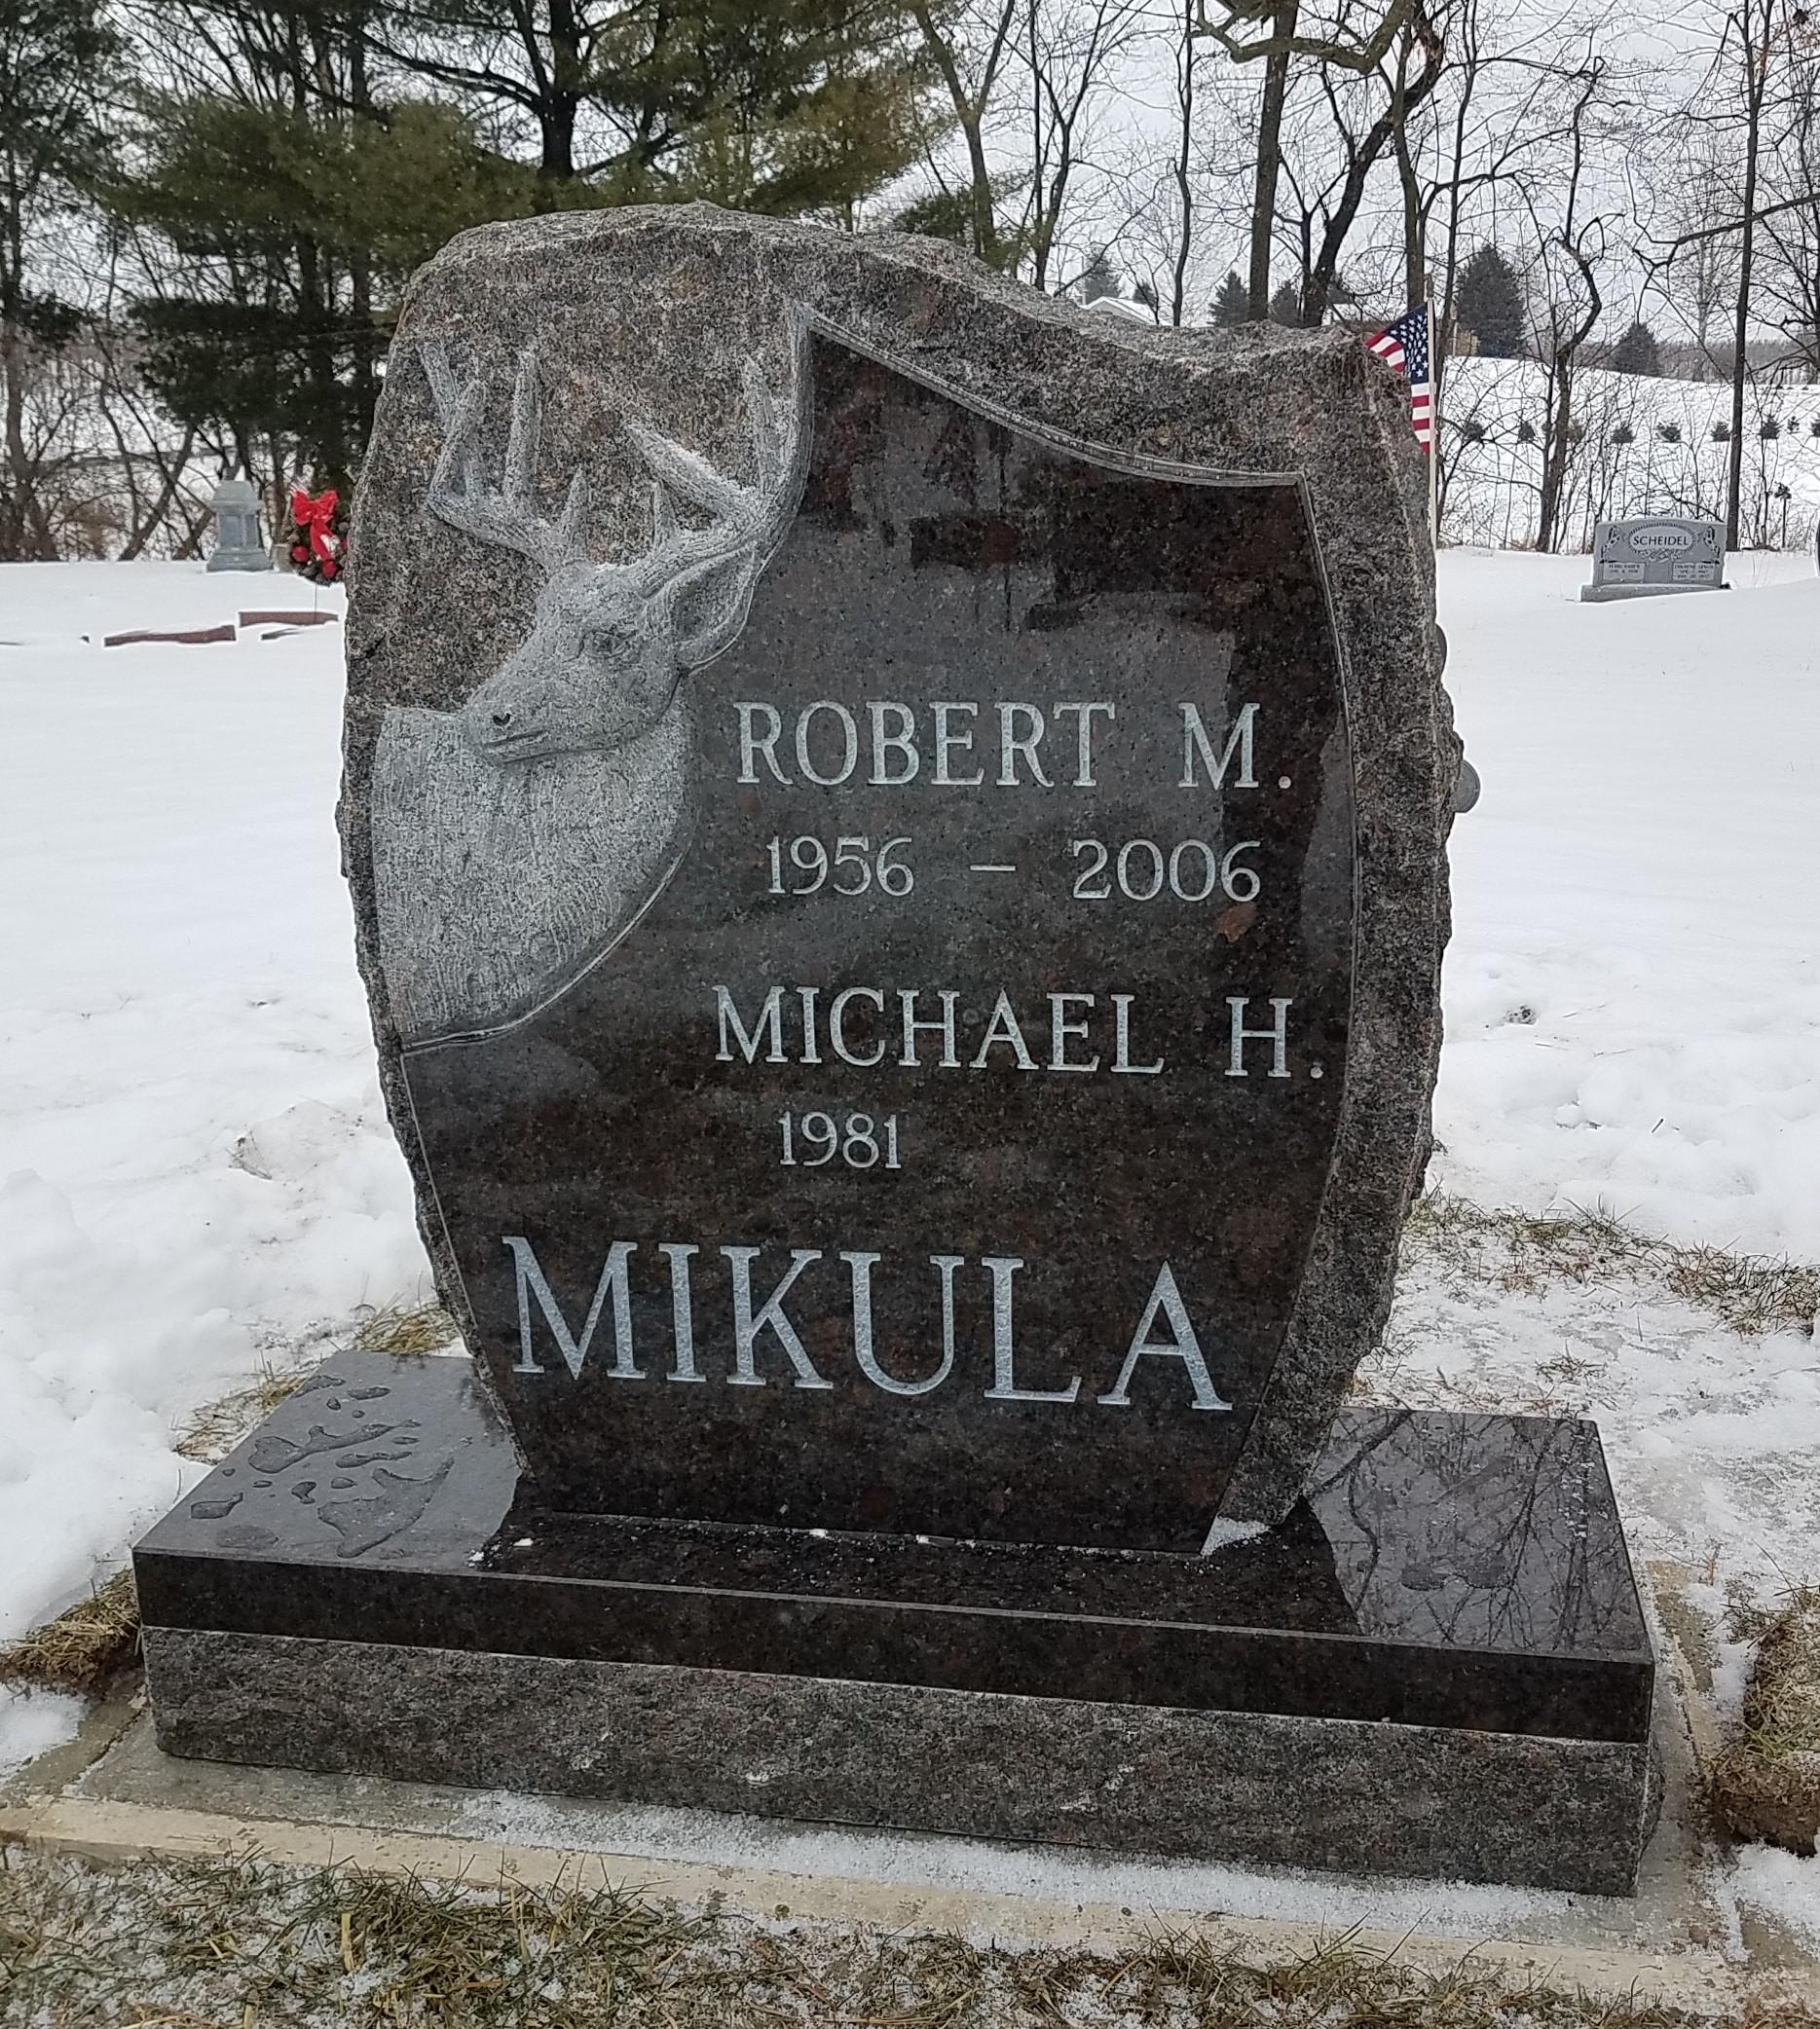 Mikula Sculpted Deer